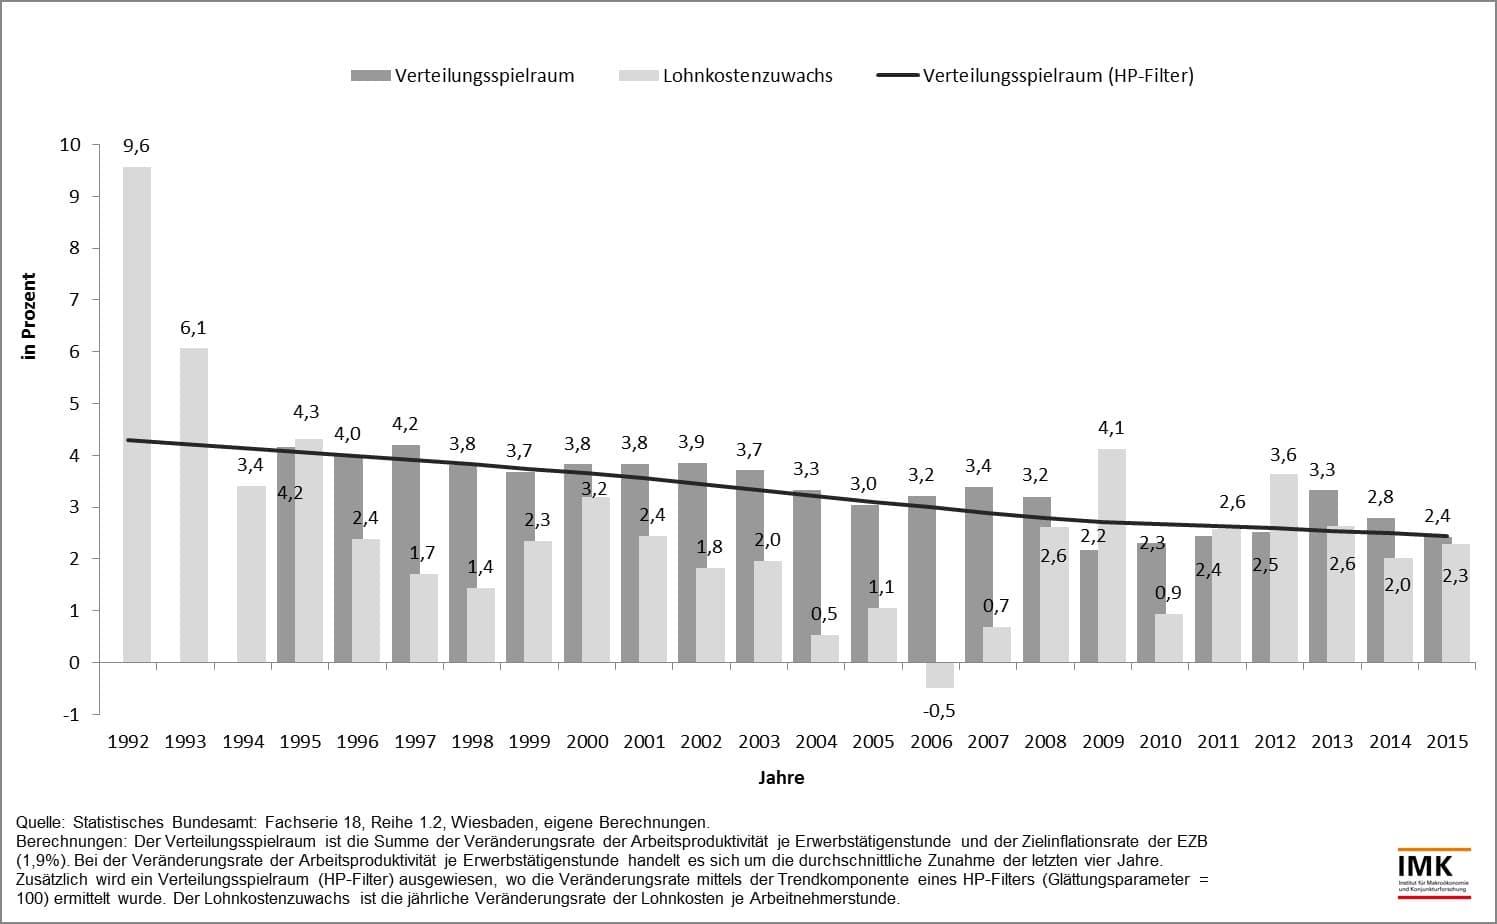 Deutschland_Verteilungsspielraum_Lohnkosten_Produtivität_IMK